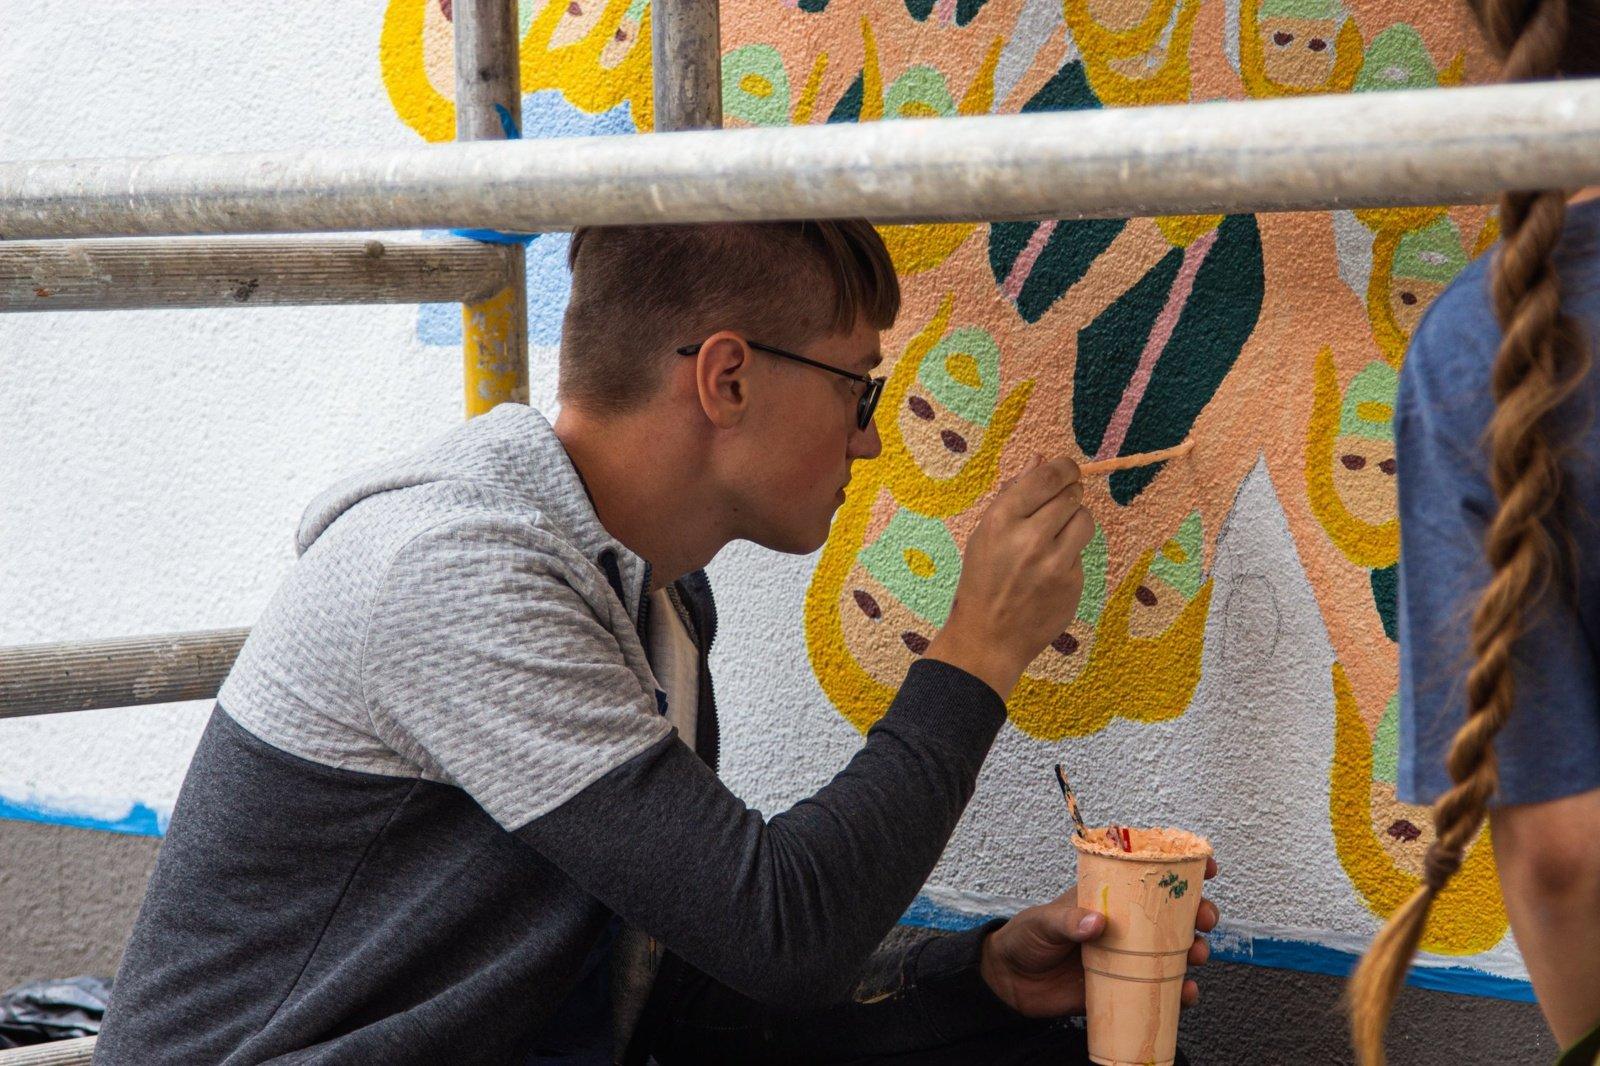 Marijampolės jaunimas atranda save: ką iš tiesų gali savanorystė?